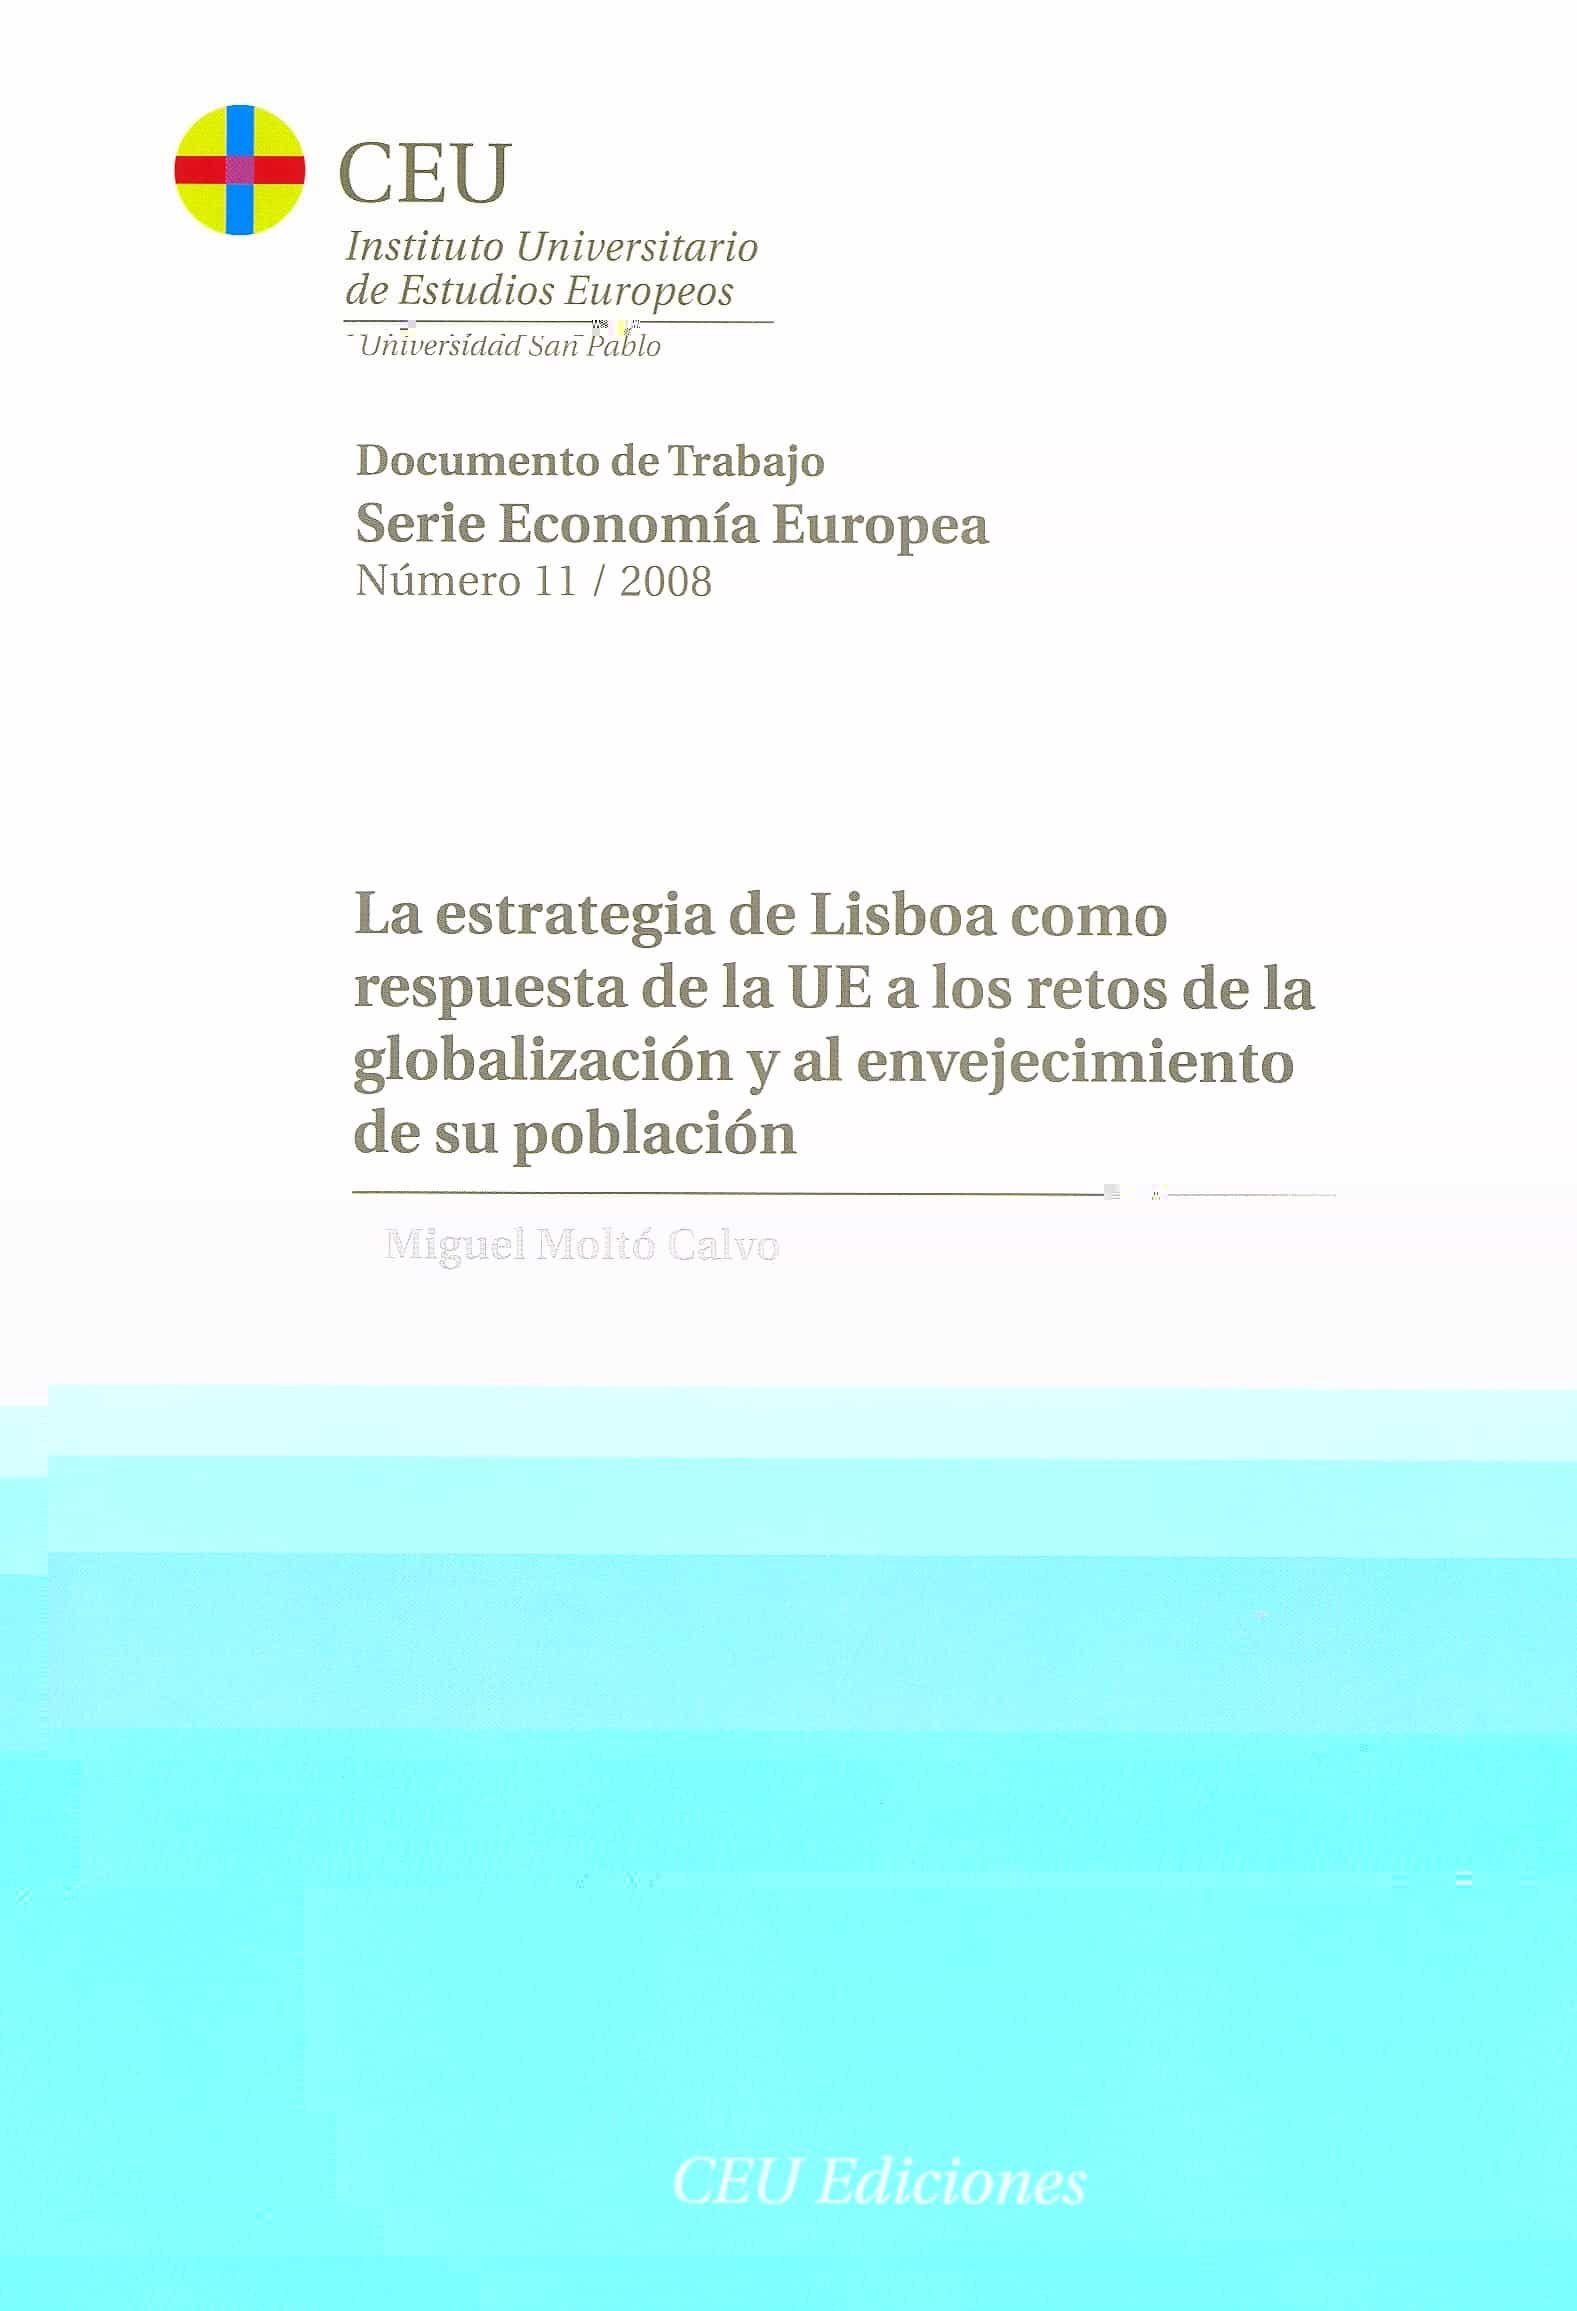 La Estrategia De Lisboa Como Respuesta De La Ue A Los Retos De La por Miguel Molto Calvo